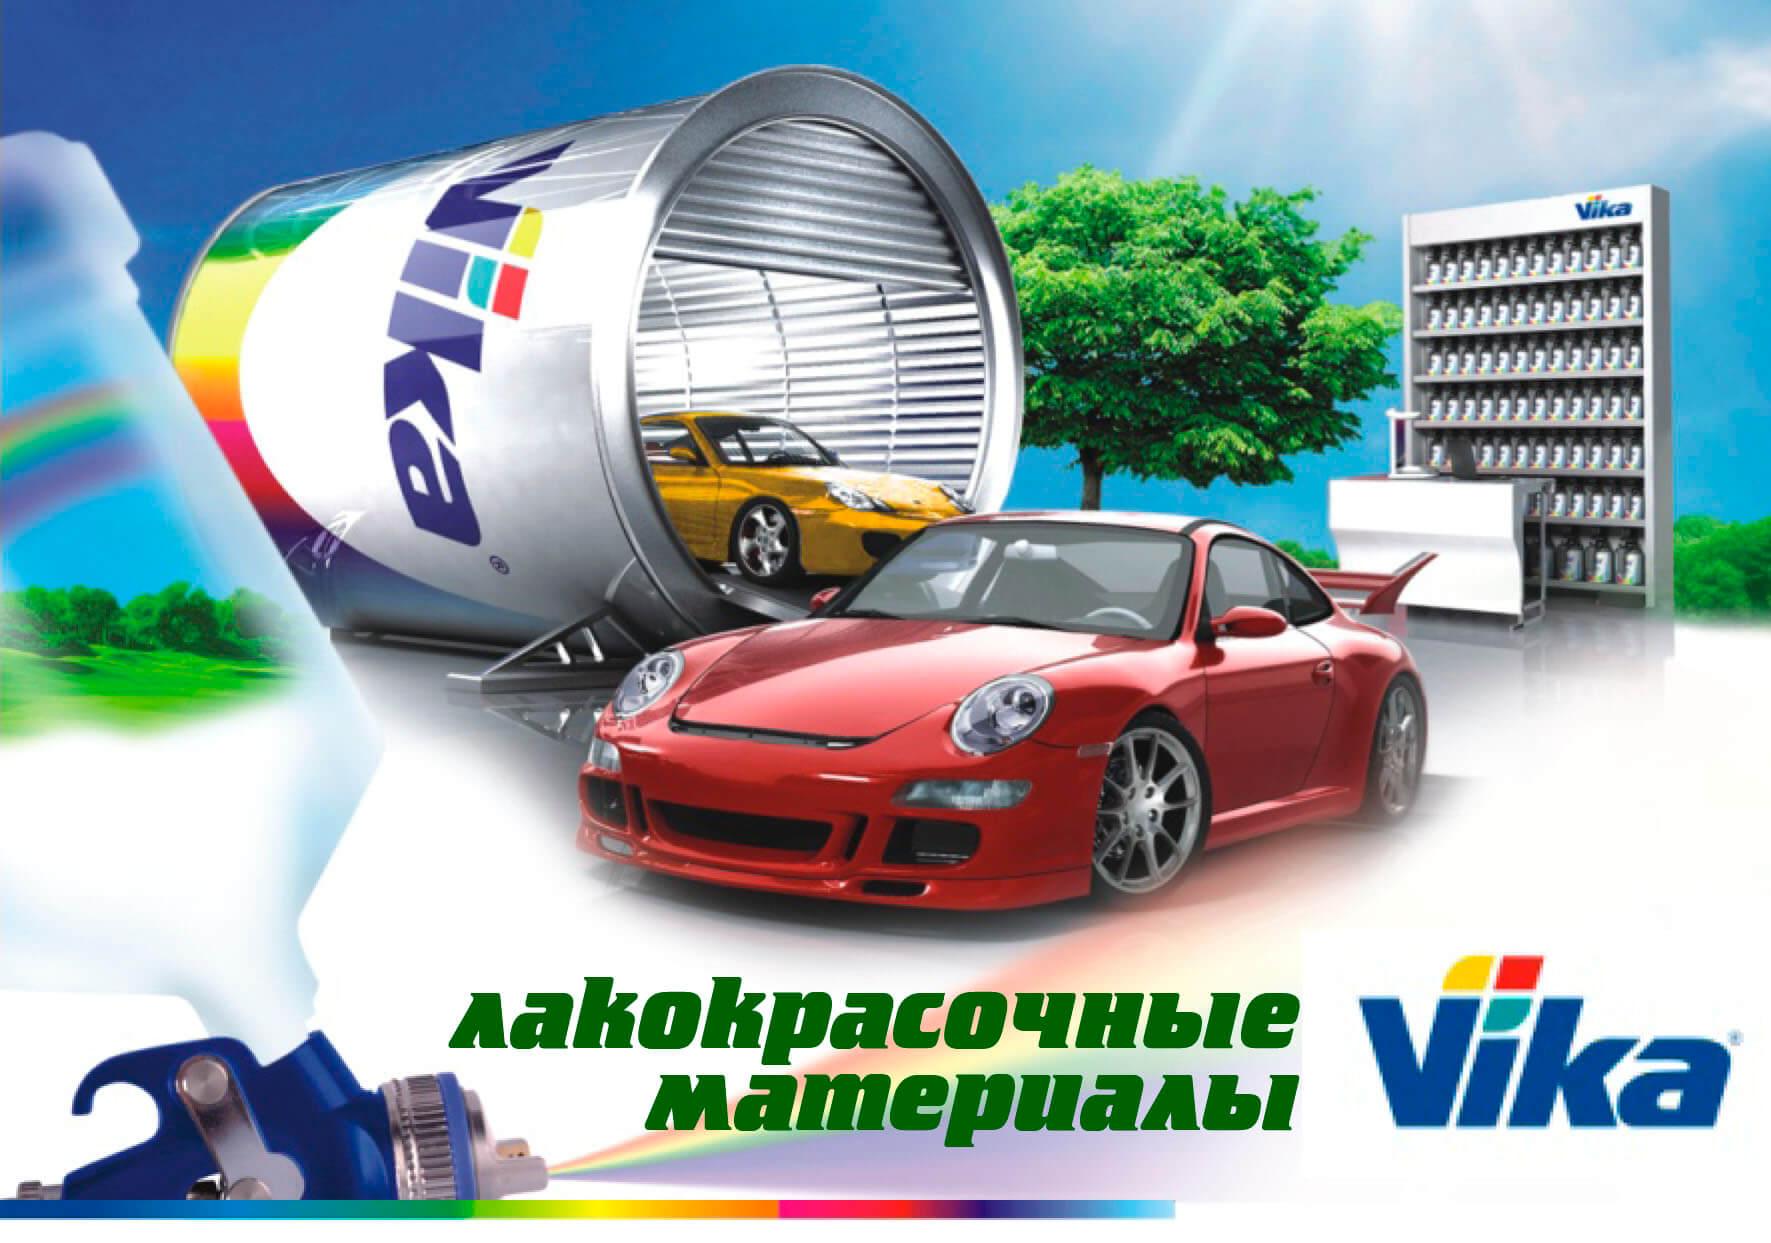 Автоэмаль Vika - качественный бренд для автомобилей